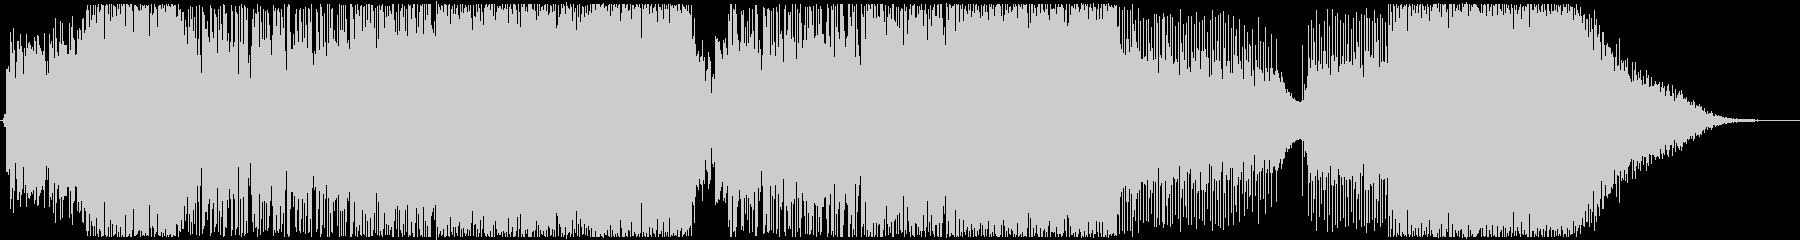 フミンショータイムの未再生の波形